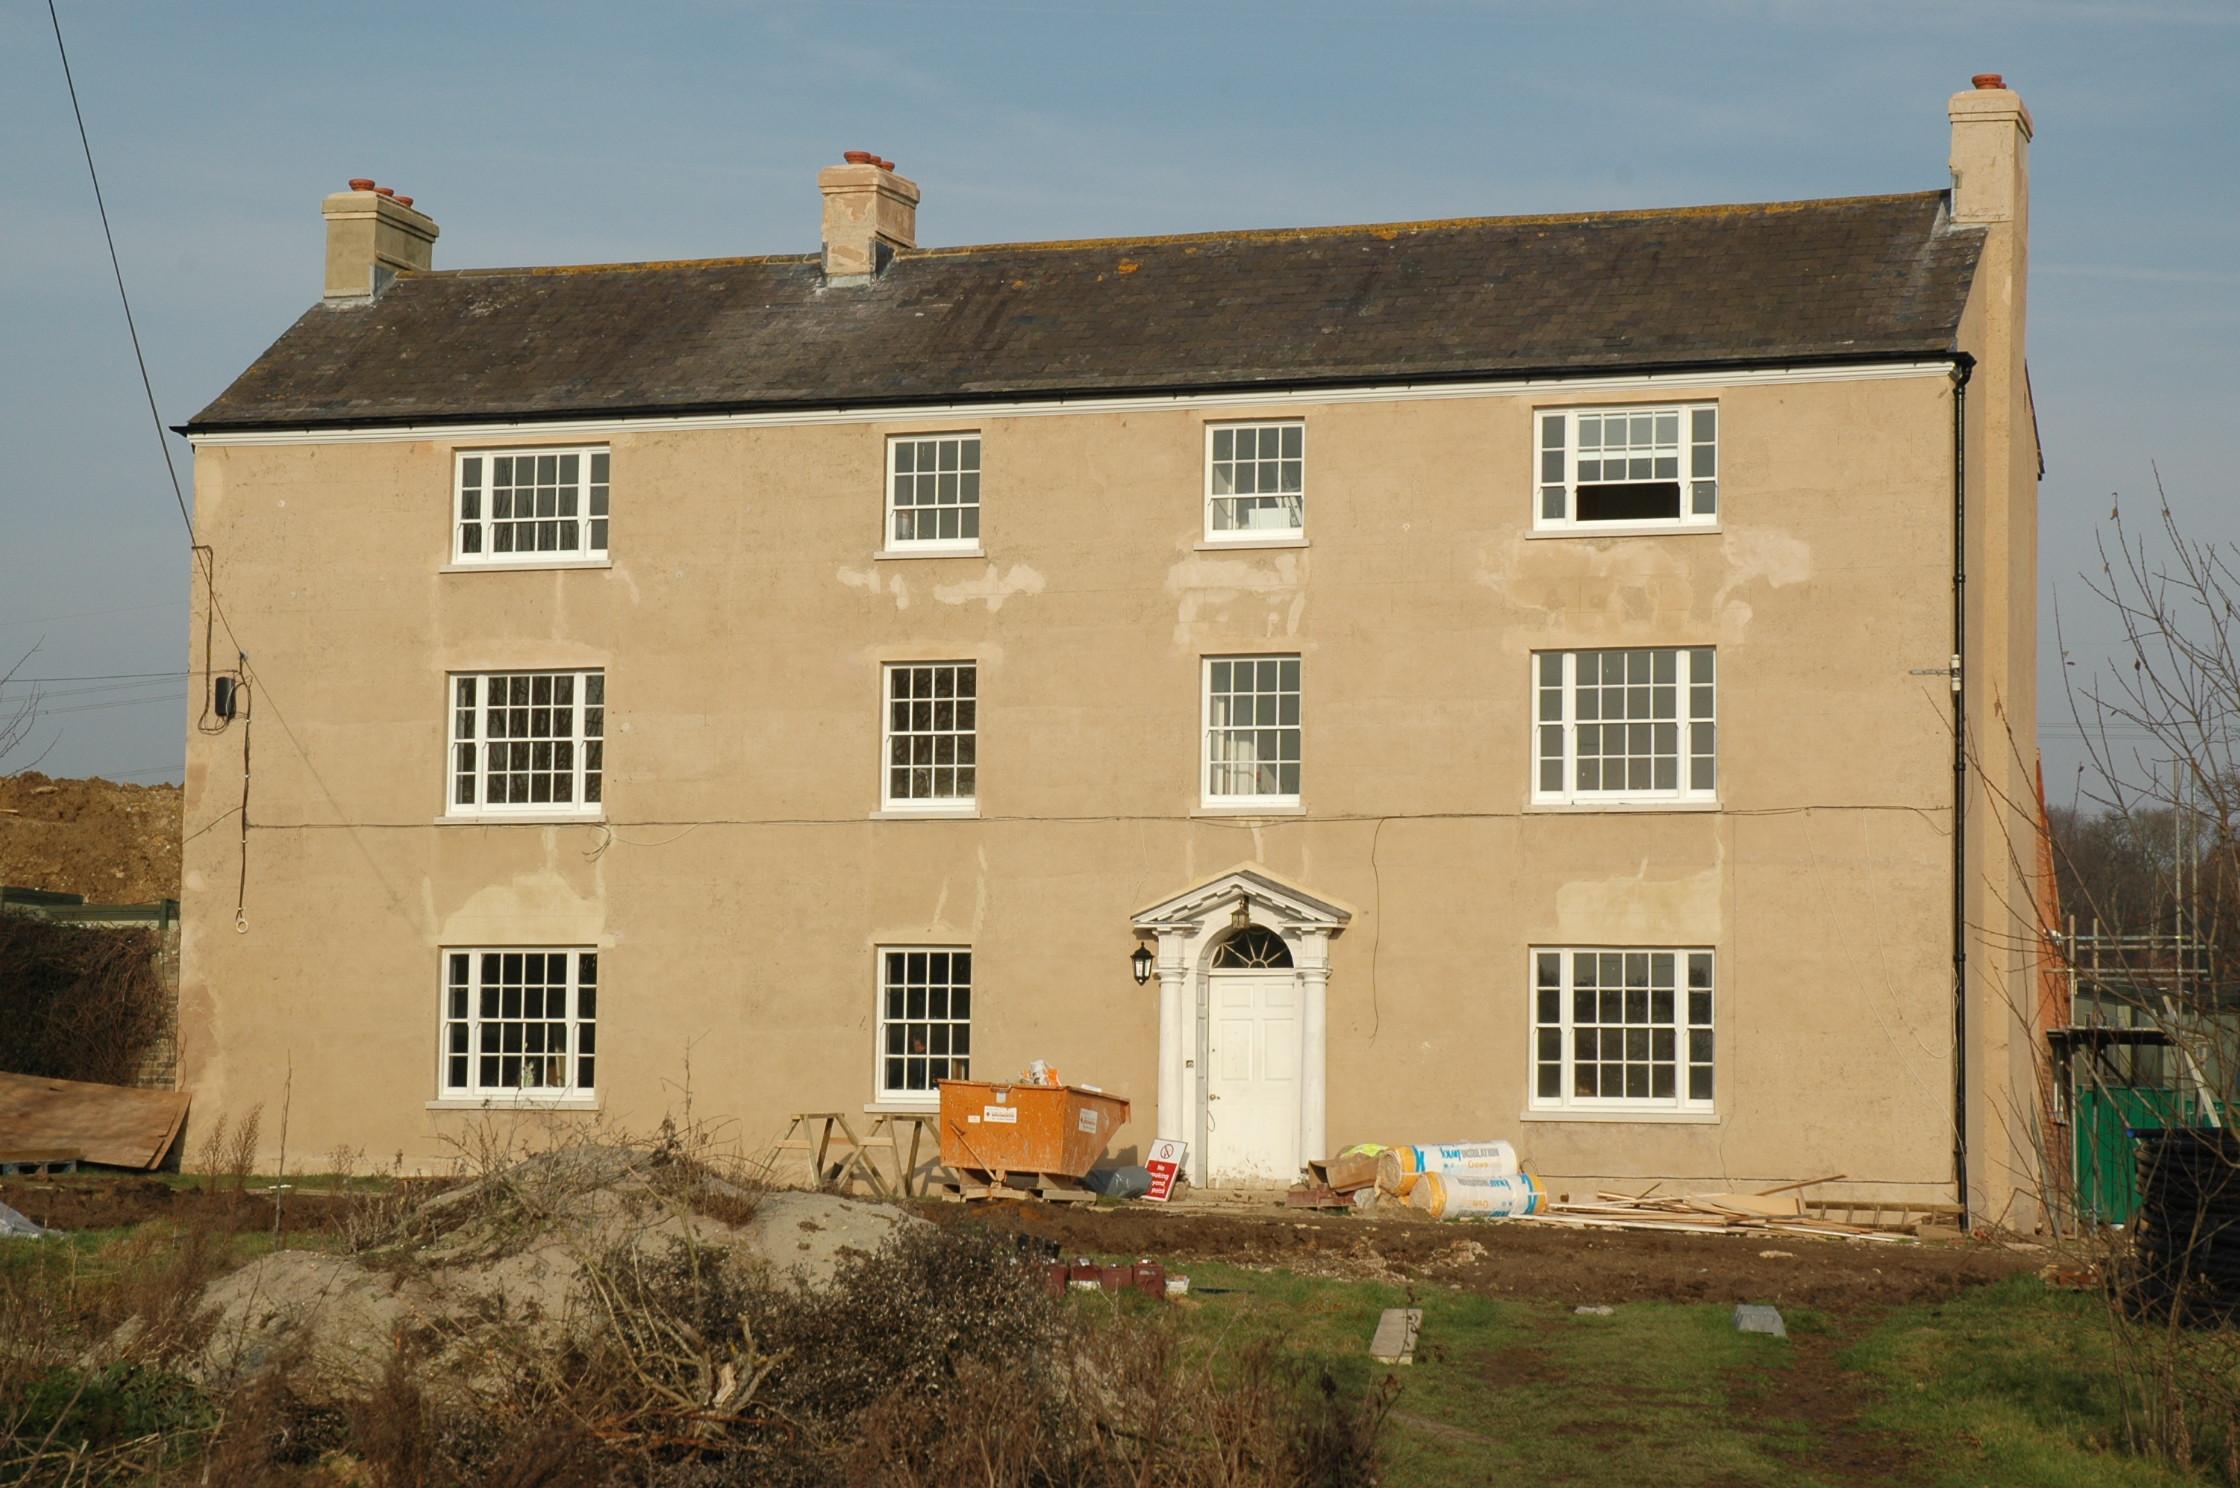 Stone House 2 - Brickwork & Stone